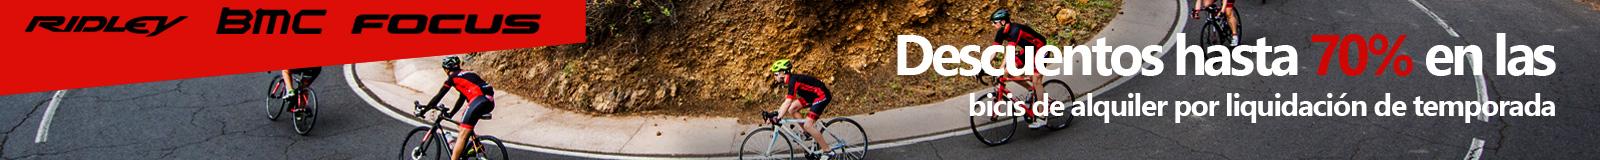 Descuentos hasta 70% en las bicis de alquiler por liquidaci�n de temporada